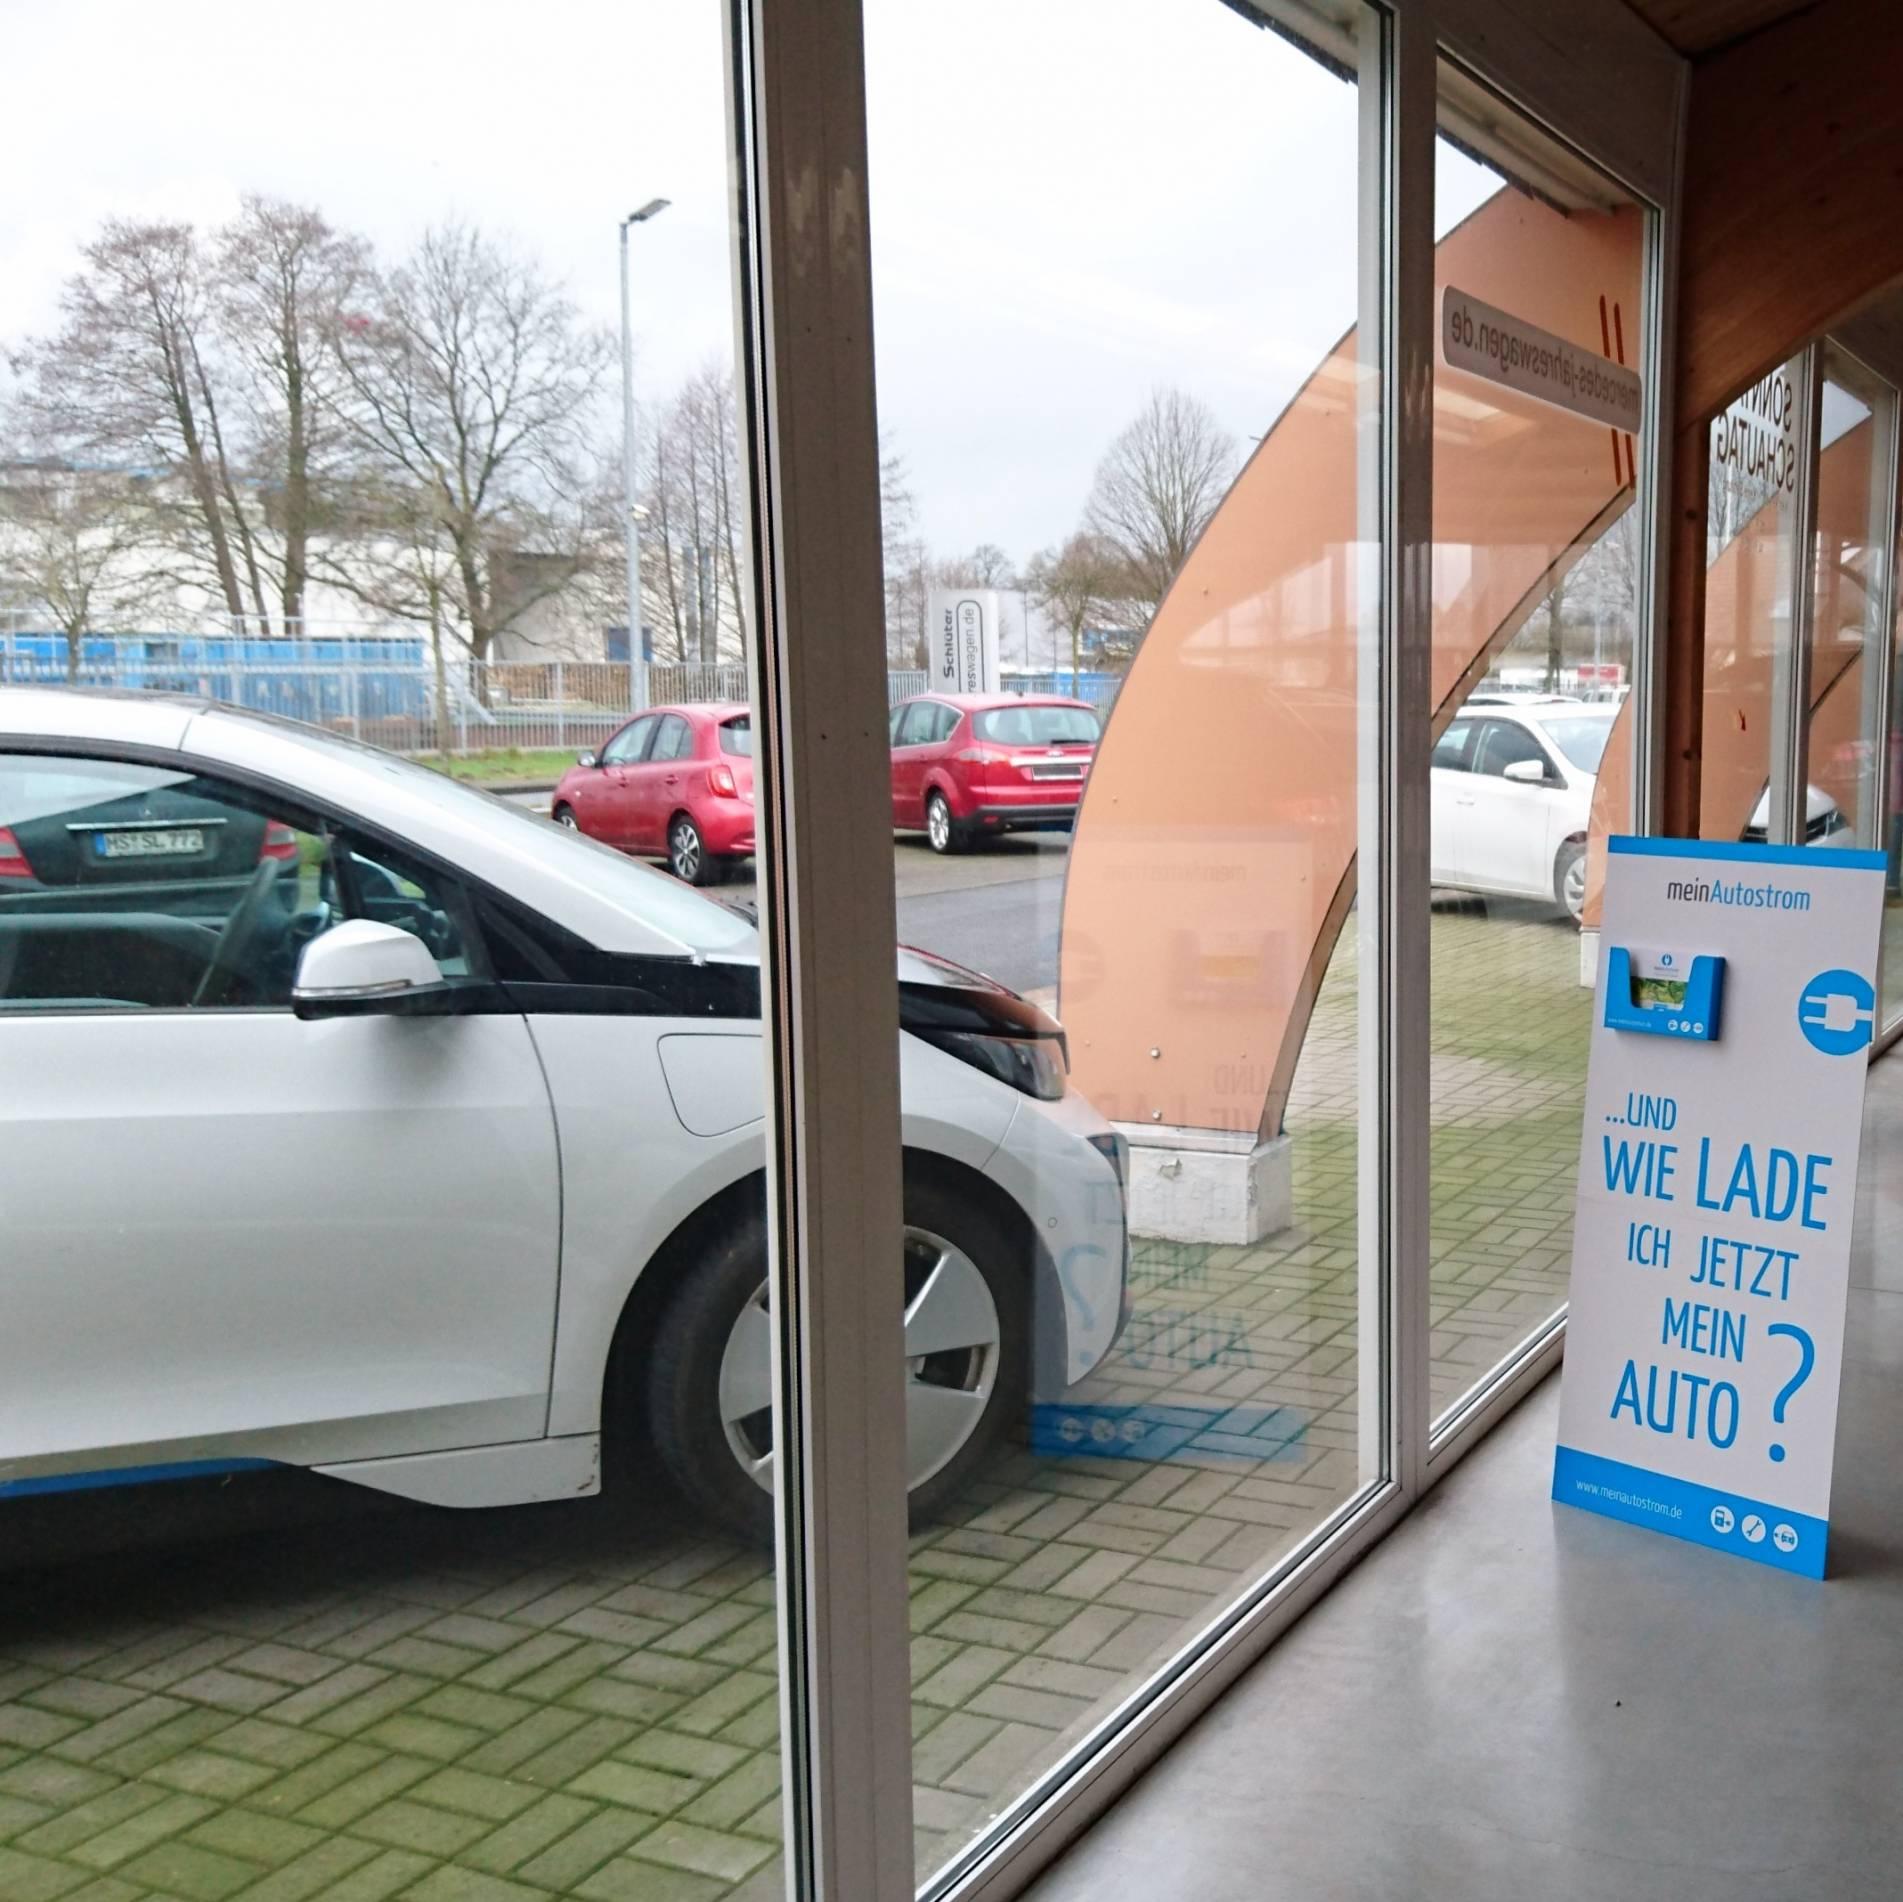 Autohaus Schlüter Innenansicht meinAutostrom-Aufsteller